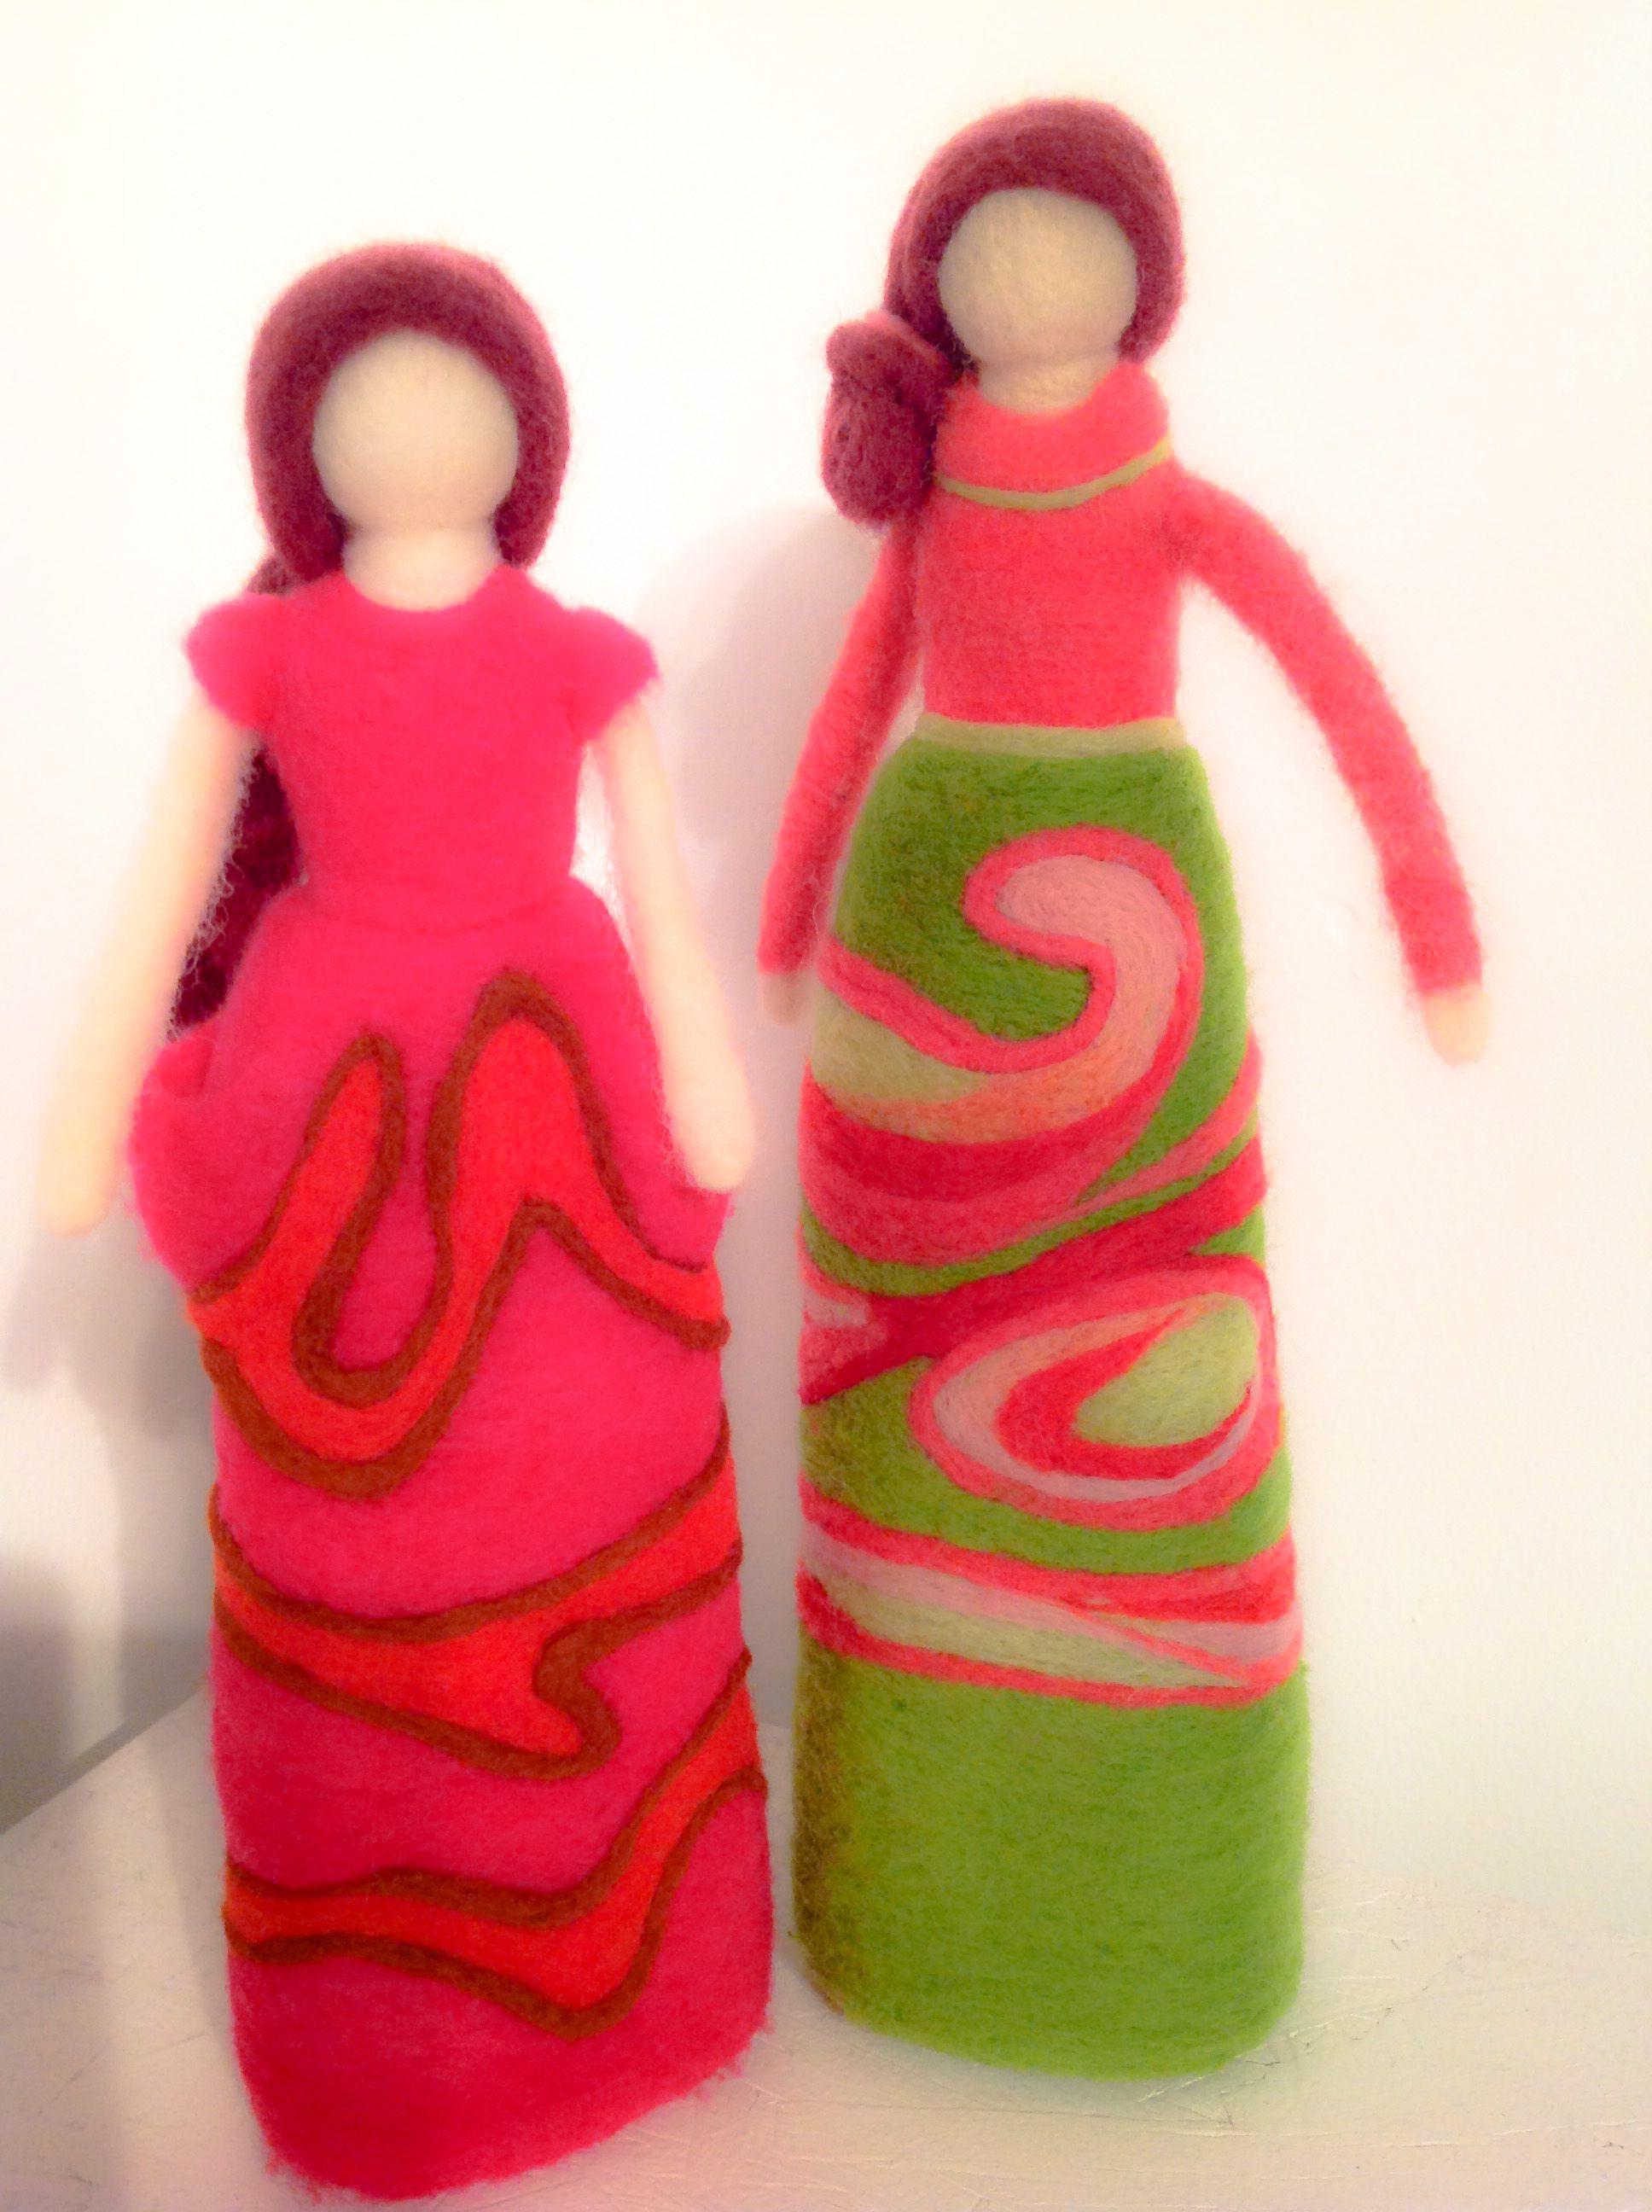 Felt dolls by Carolina Von Bennewitz